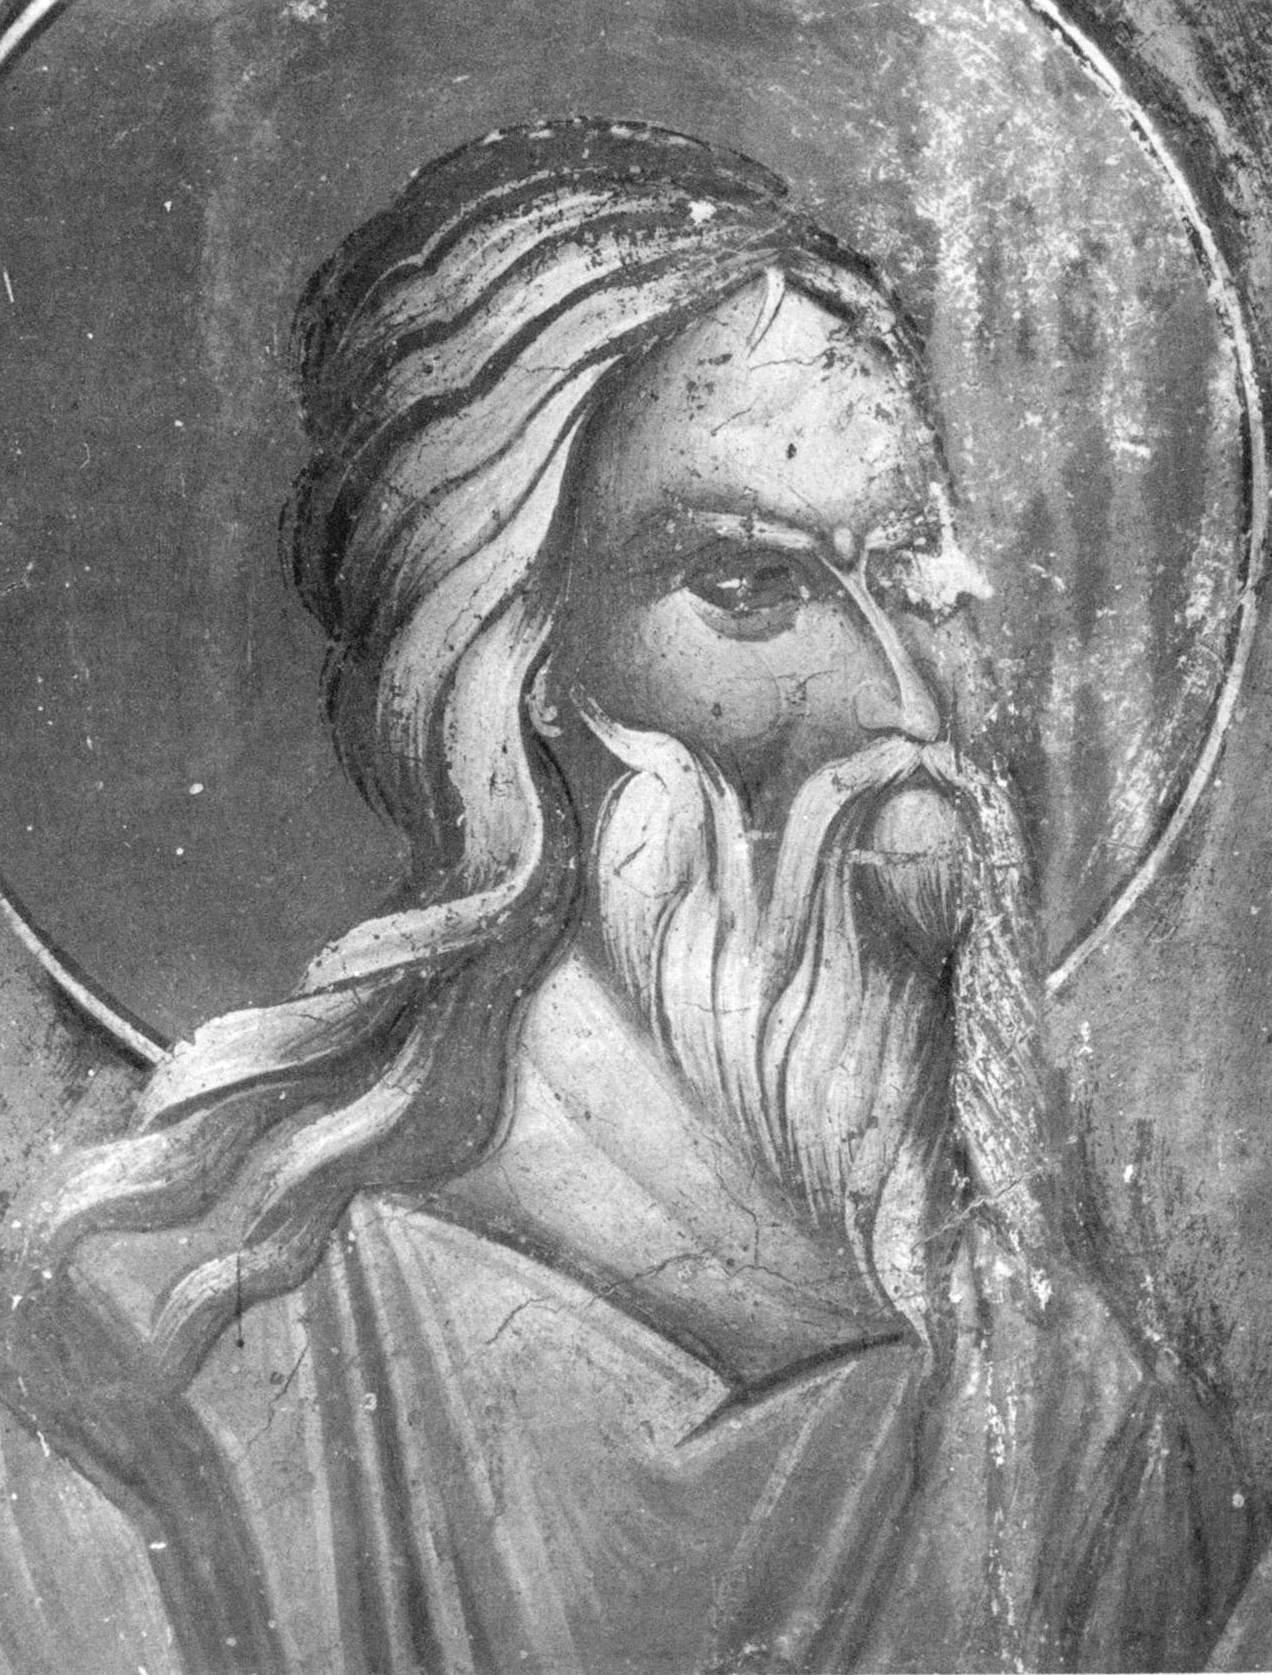 Святой Пророк Михей. Фреска церкви Святых Архангелов в сербском монастыре Хиландар на Афоне. Около 1380 года.